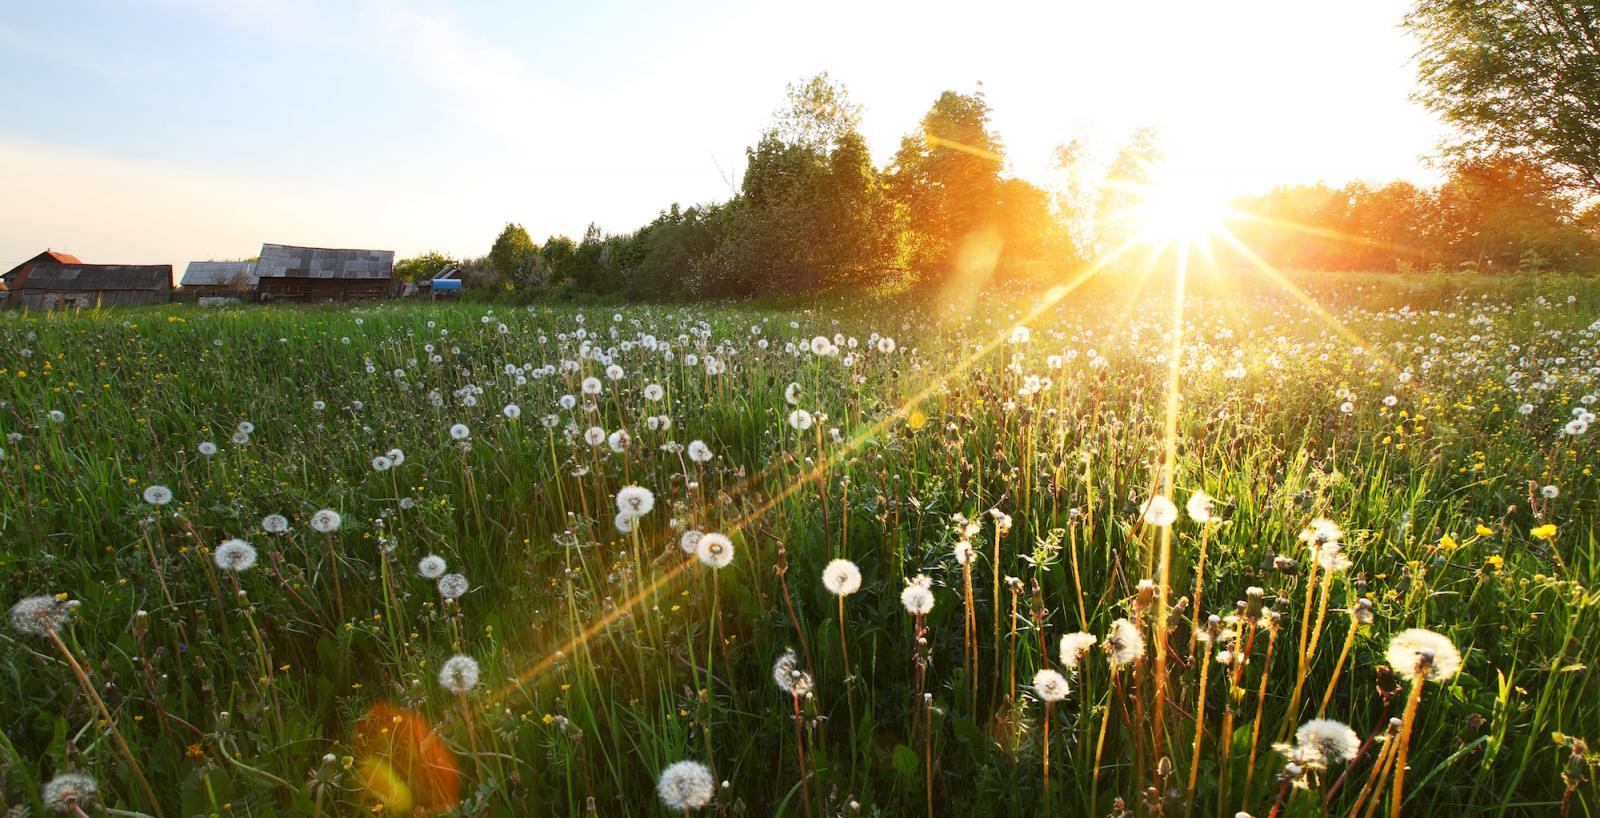 Завтра в Брянске ожидается умеренно-теплая погода